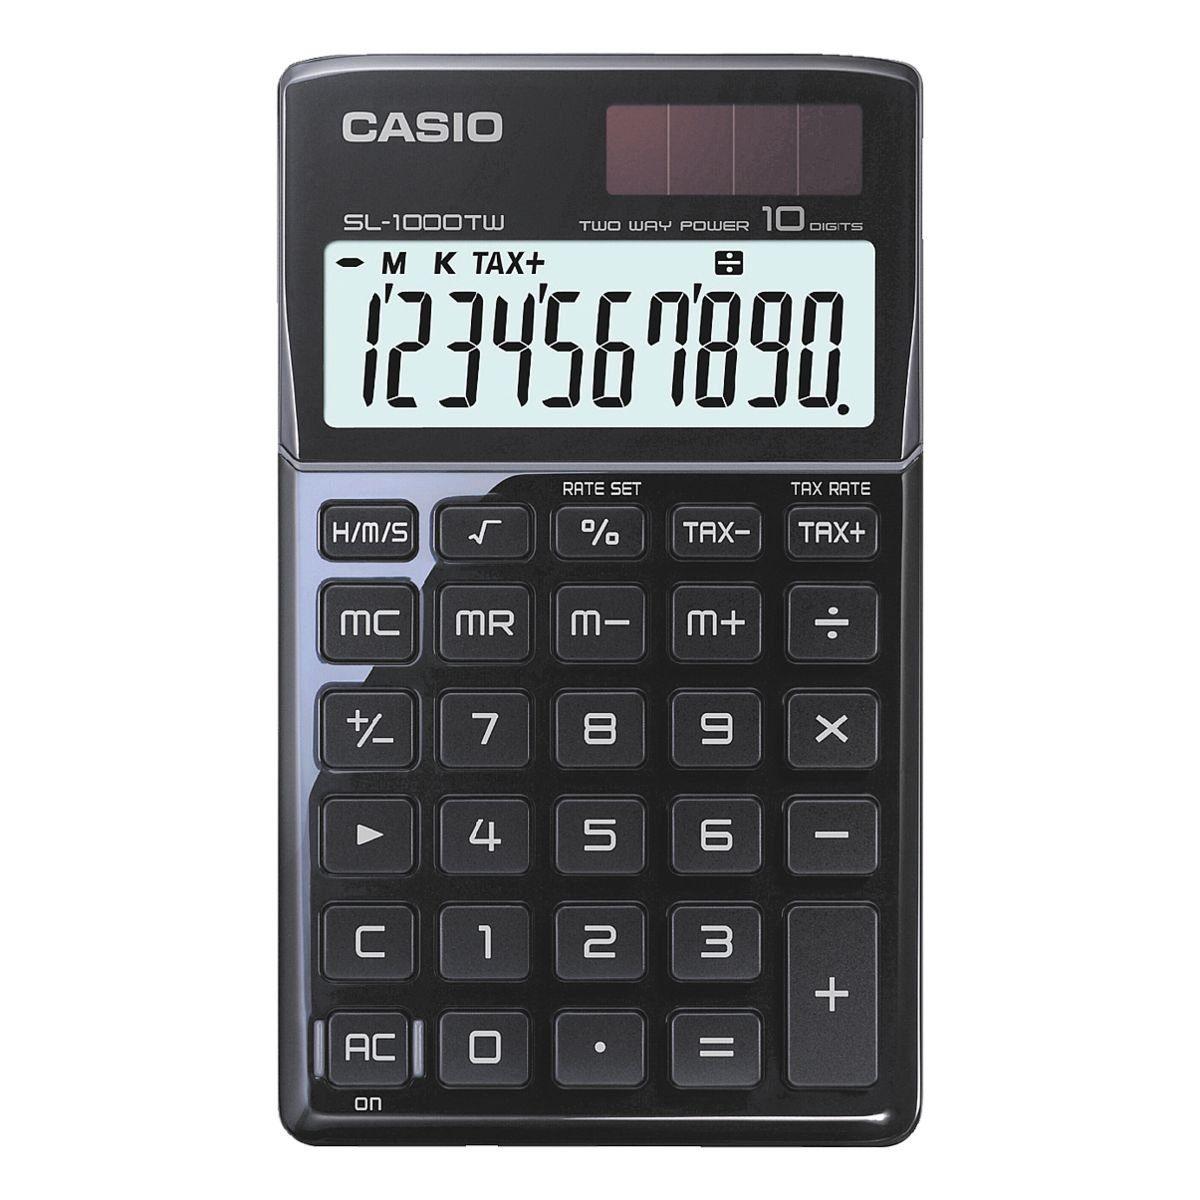 CASIO Taschenrechner »SL-1000TW«